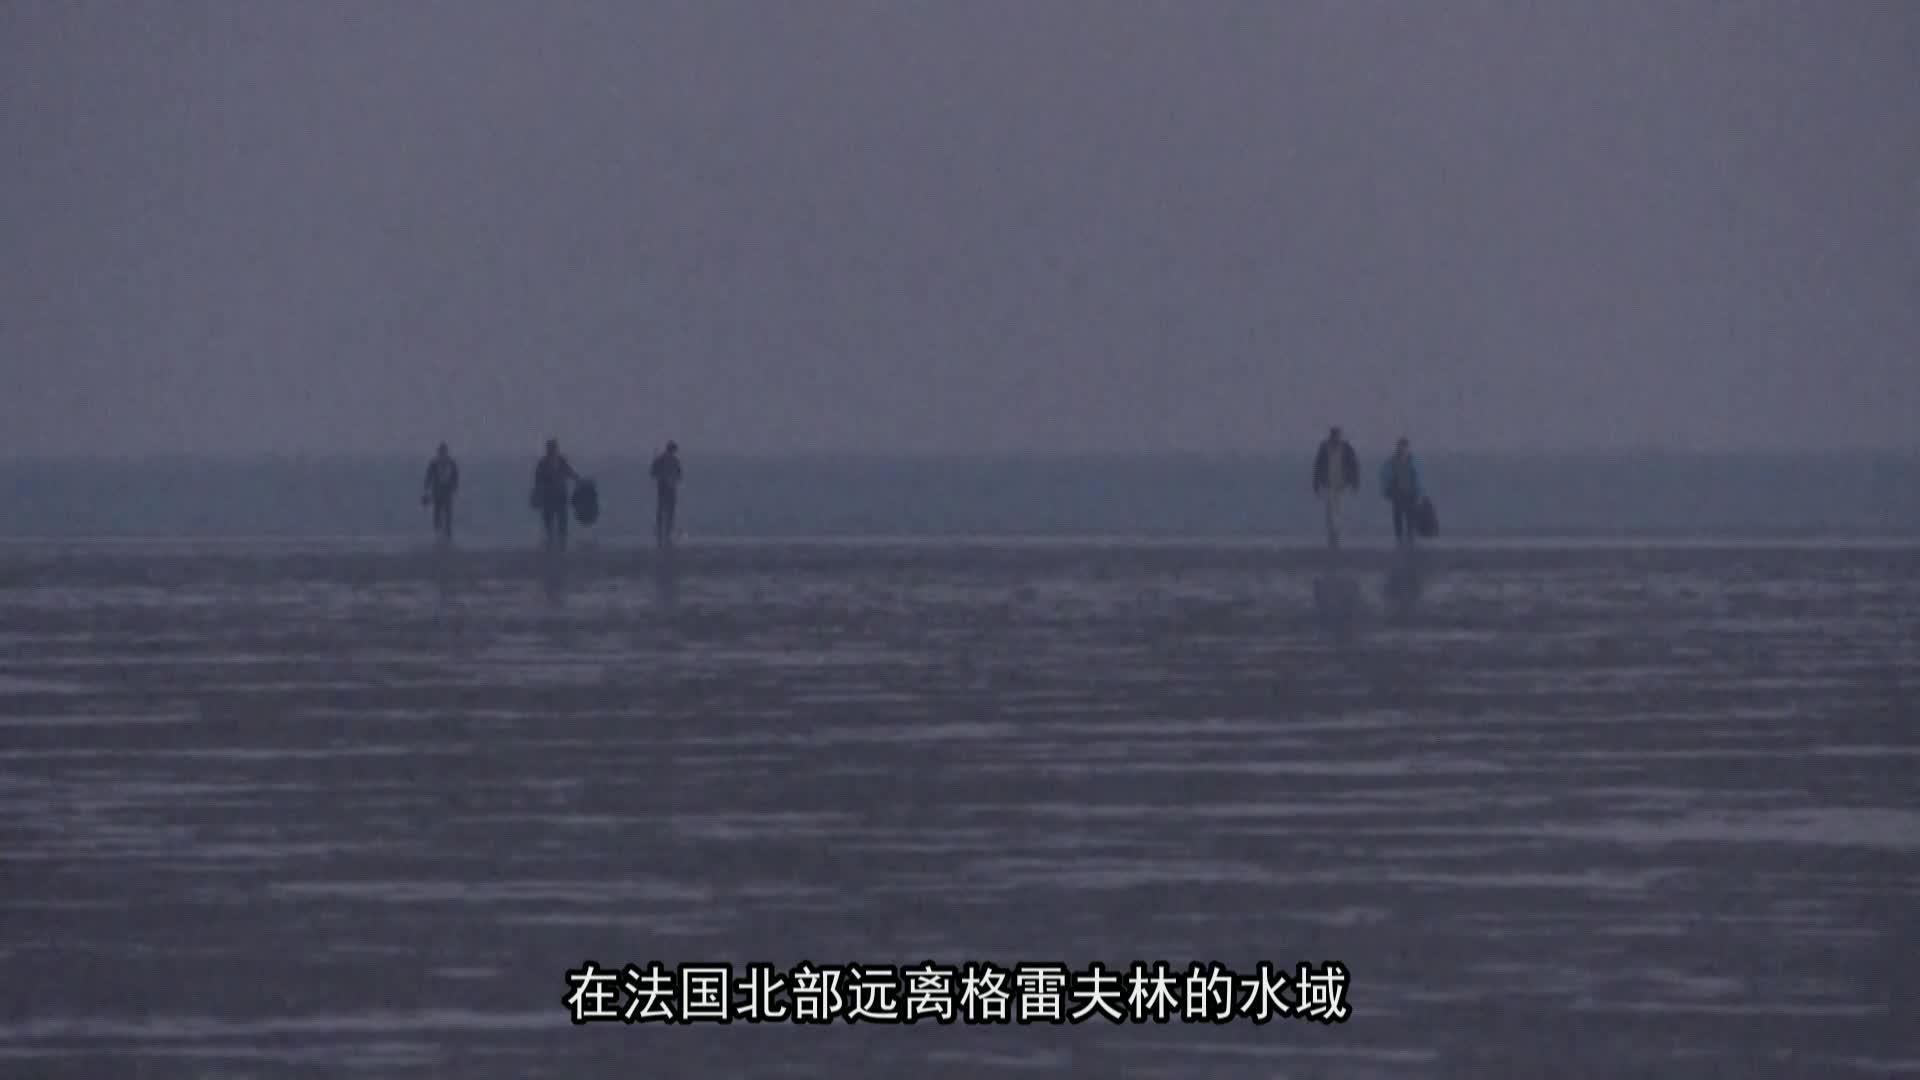 法国移民穿越英吉利海峡偷渡人数激增